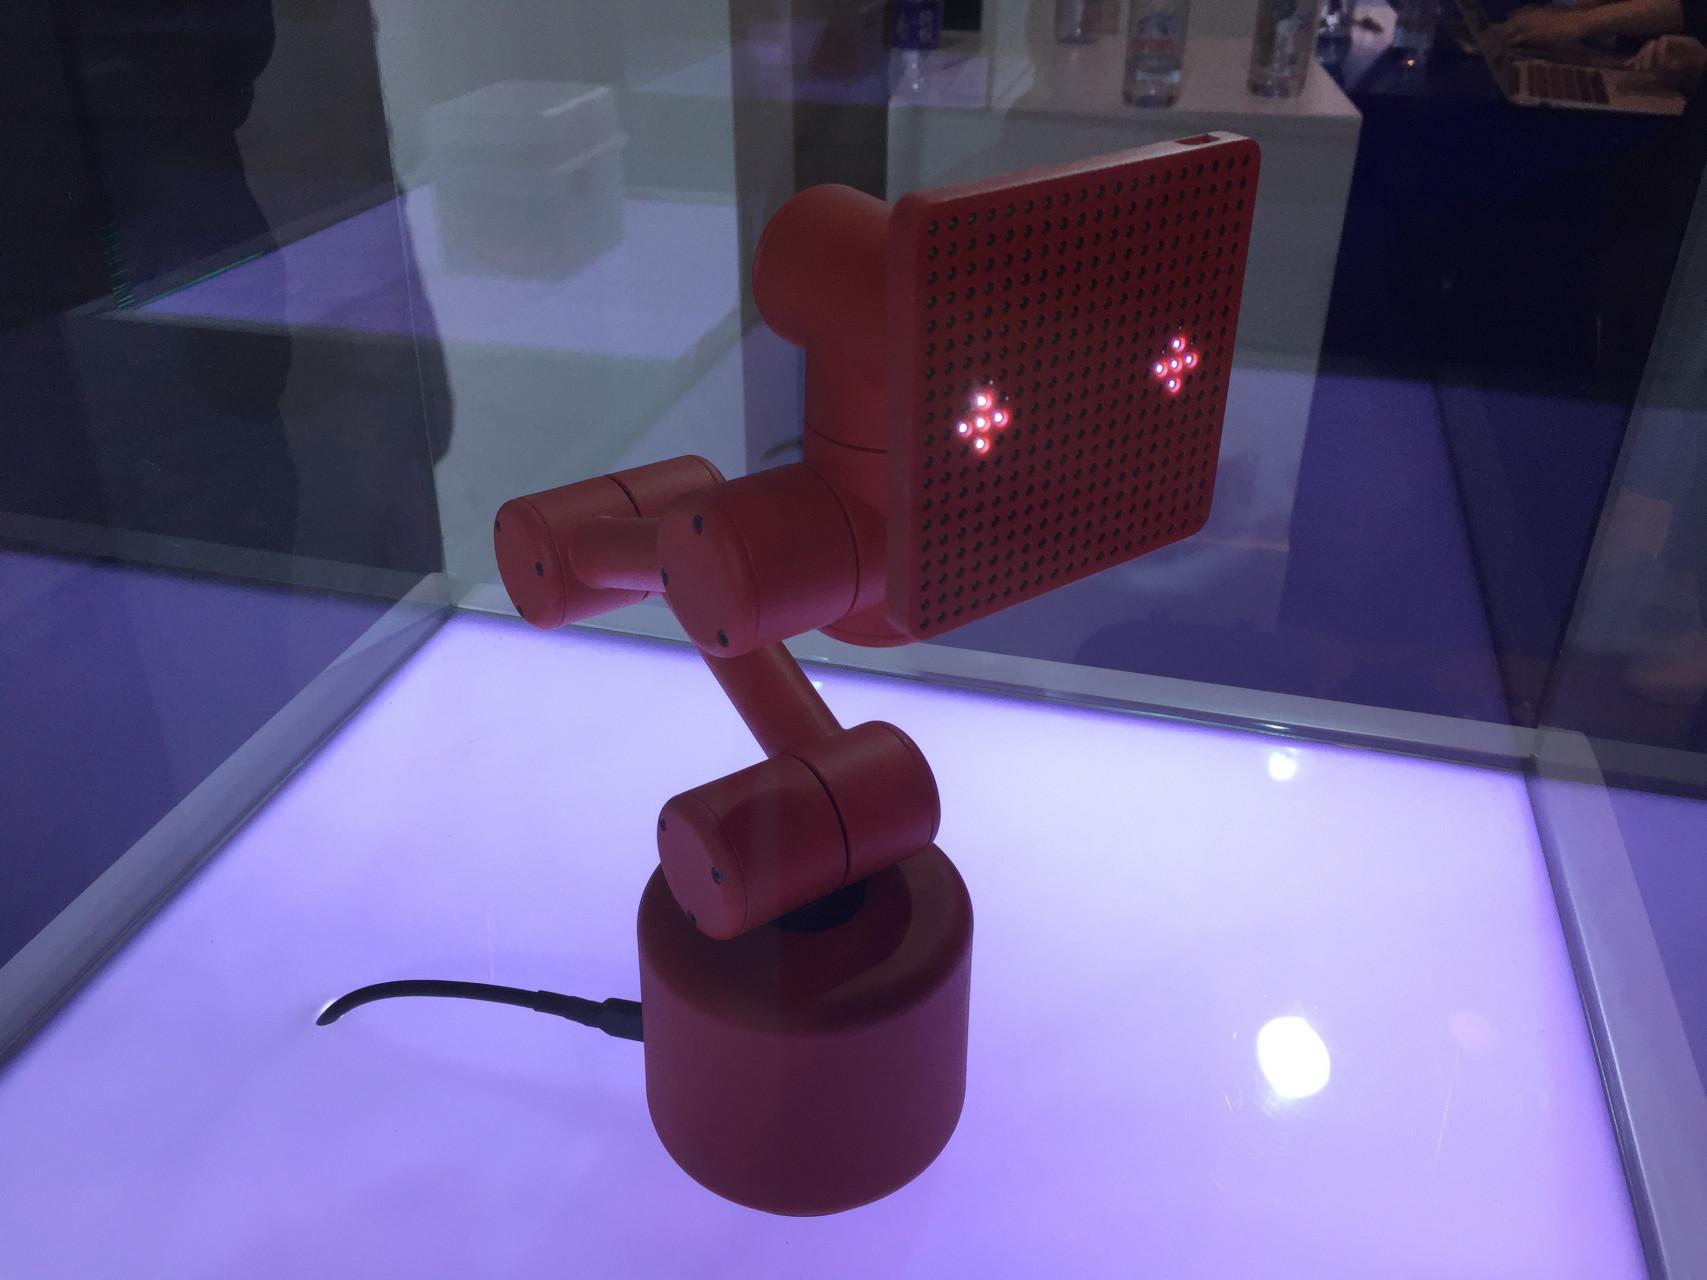 raven R smart speaker